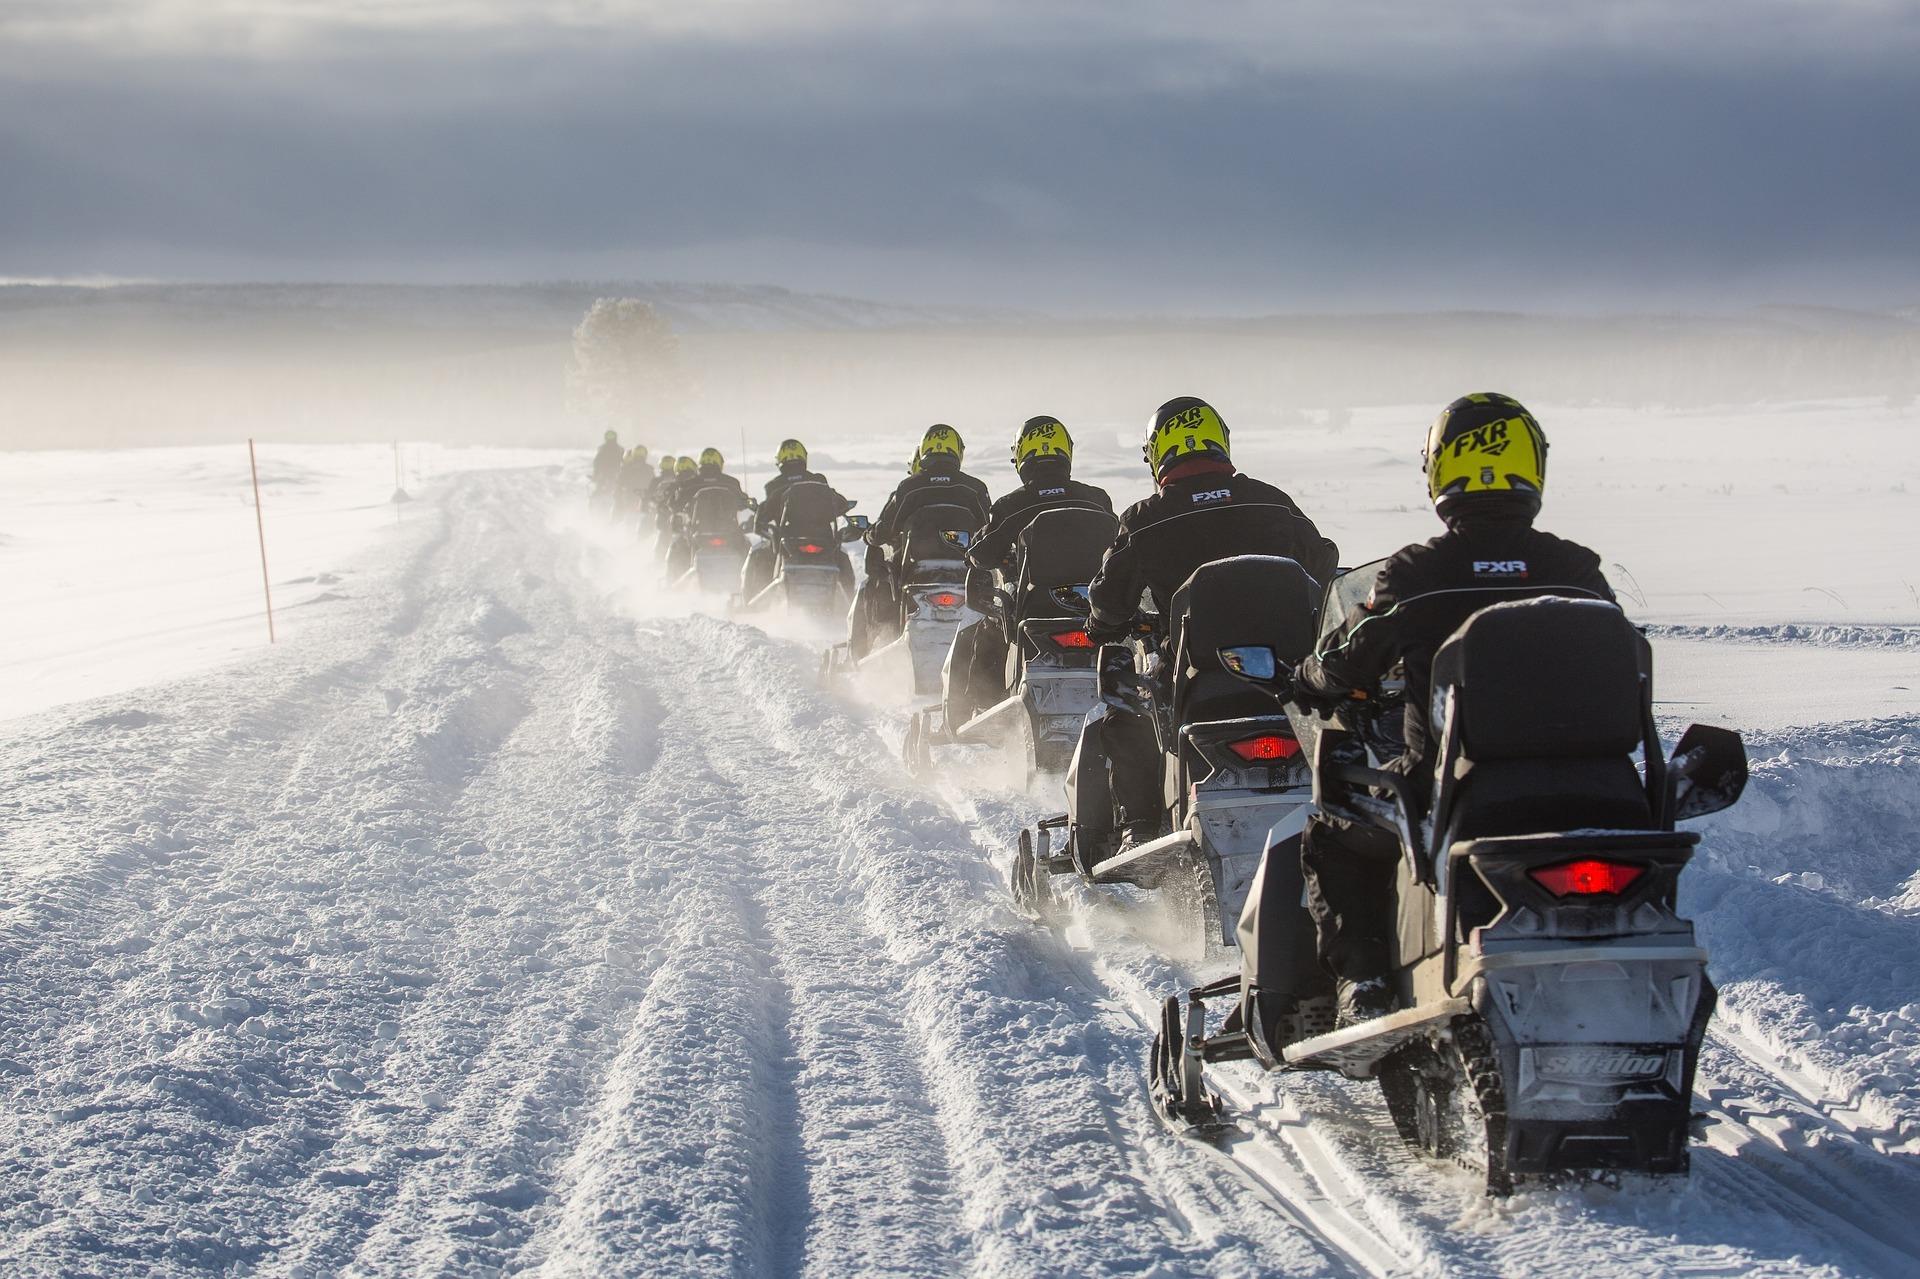 TeamFAST_M10_riders